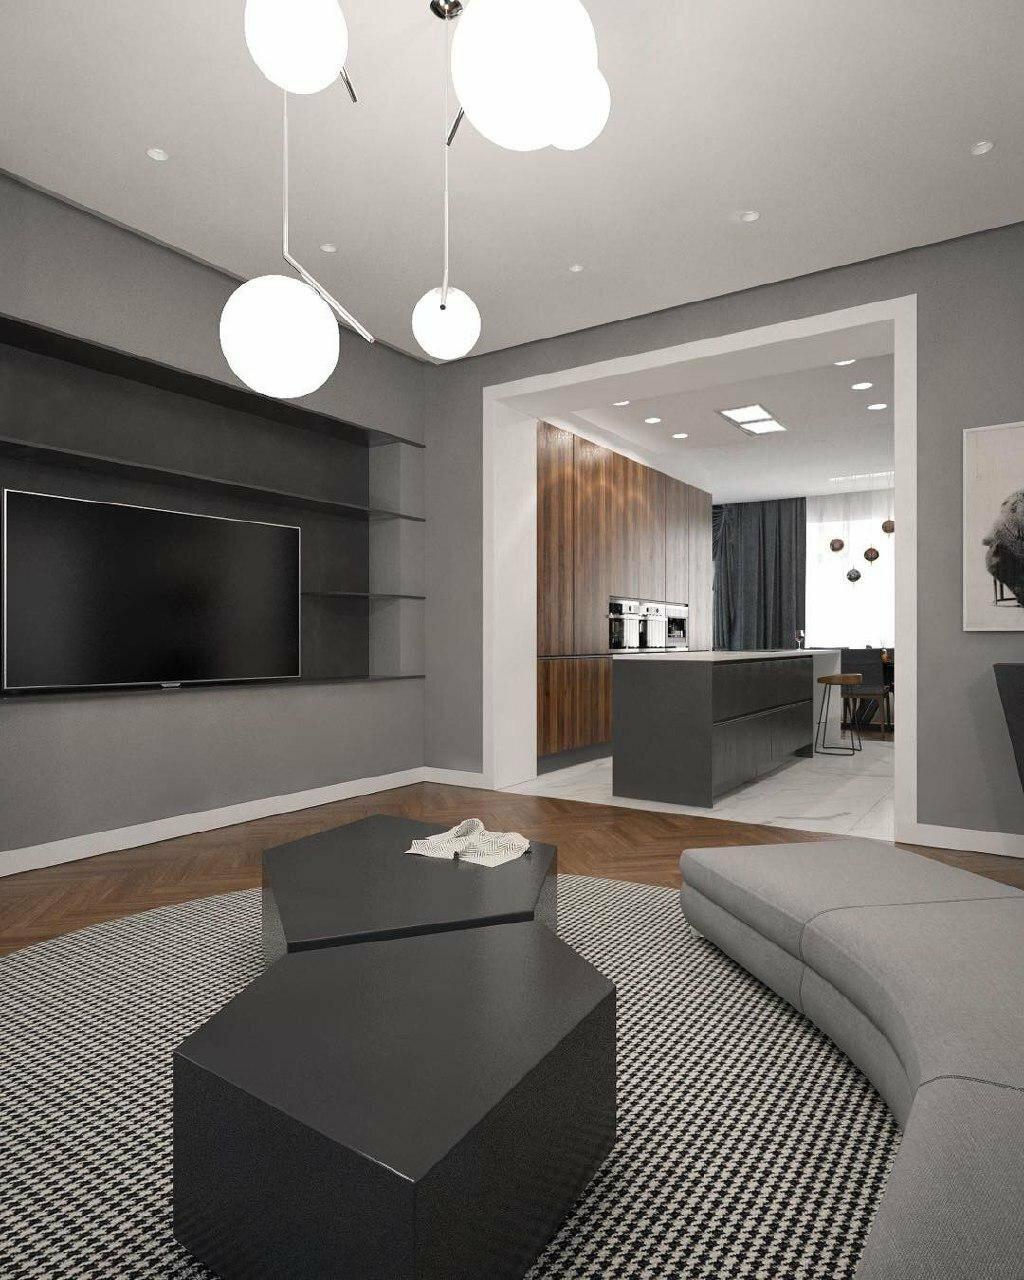 днем рождения ремонт жилой комнаты фото дизайн сюрприз подойдет для